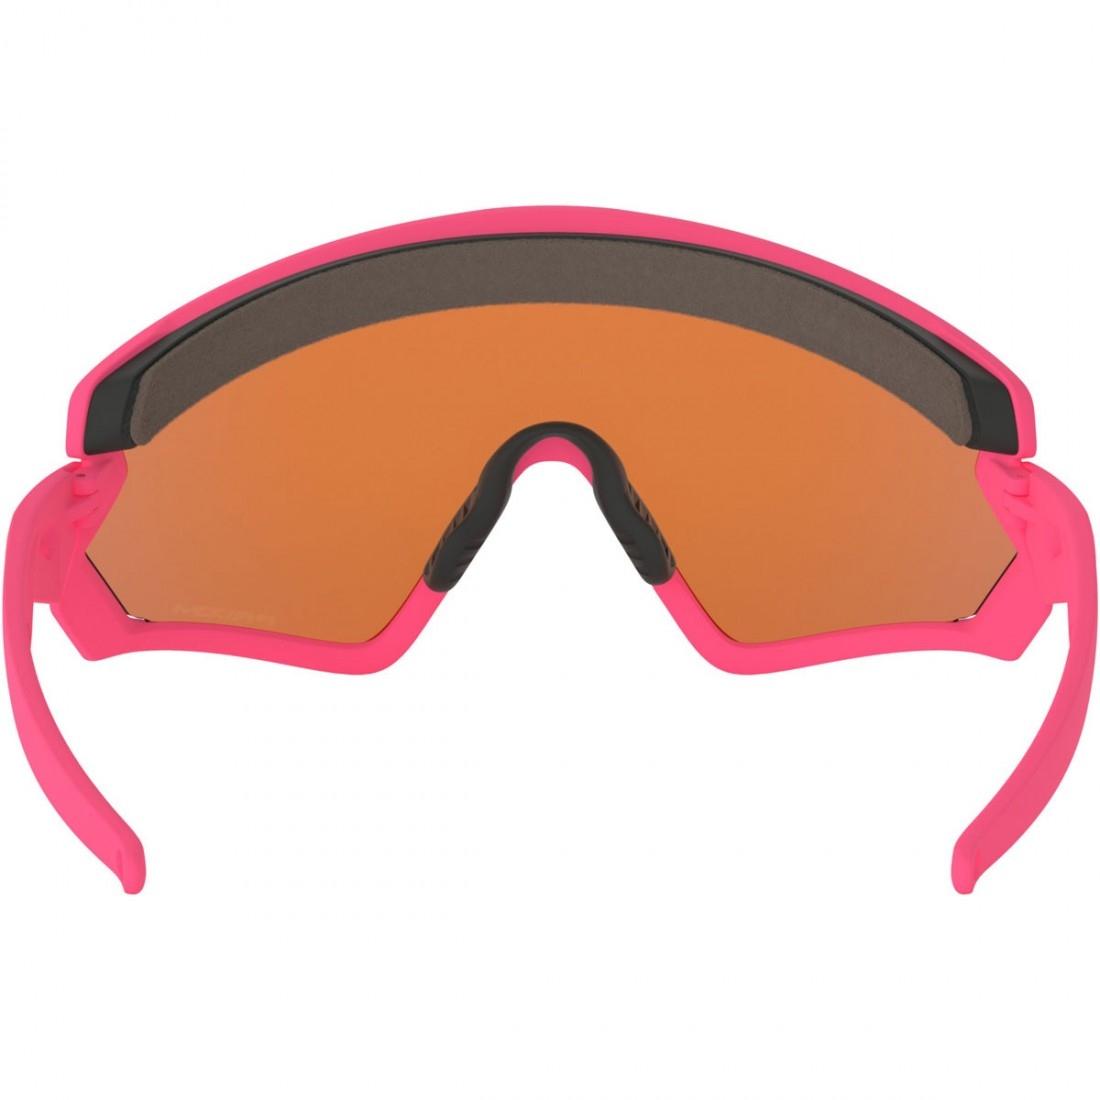 af0614926f74d OAKLEY Wind Jacket 2.0 Matte Neon Pink   Prizm Trail Mask   Goggle ...